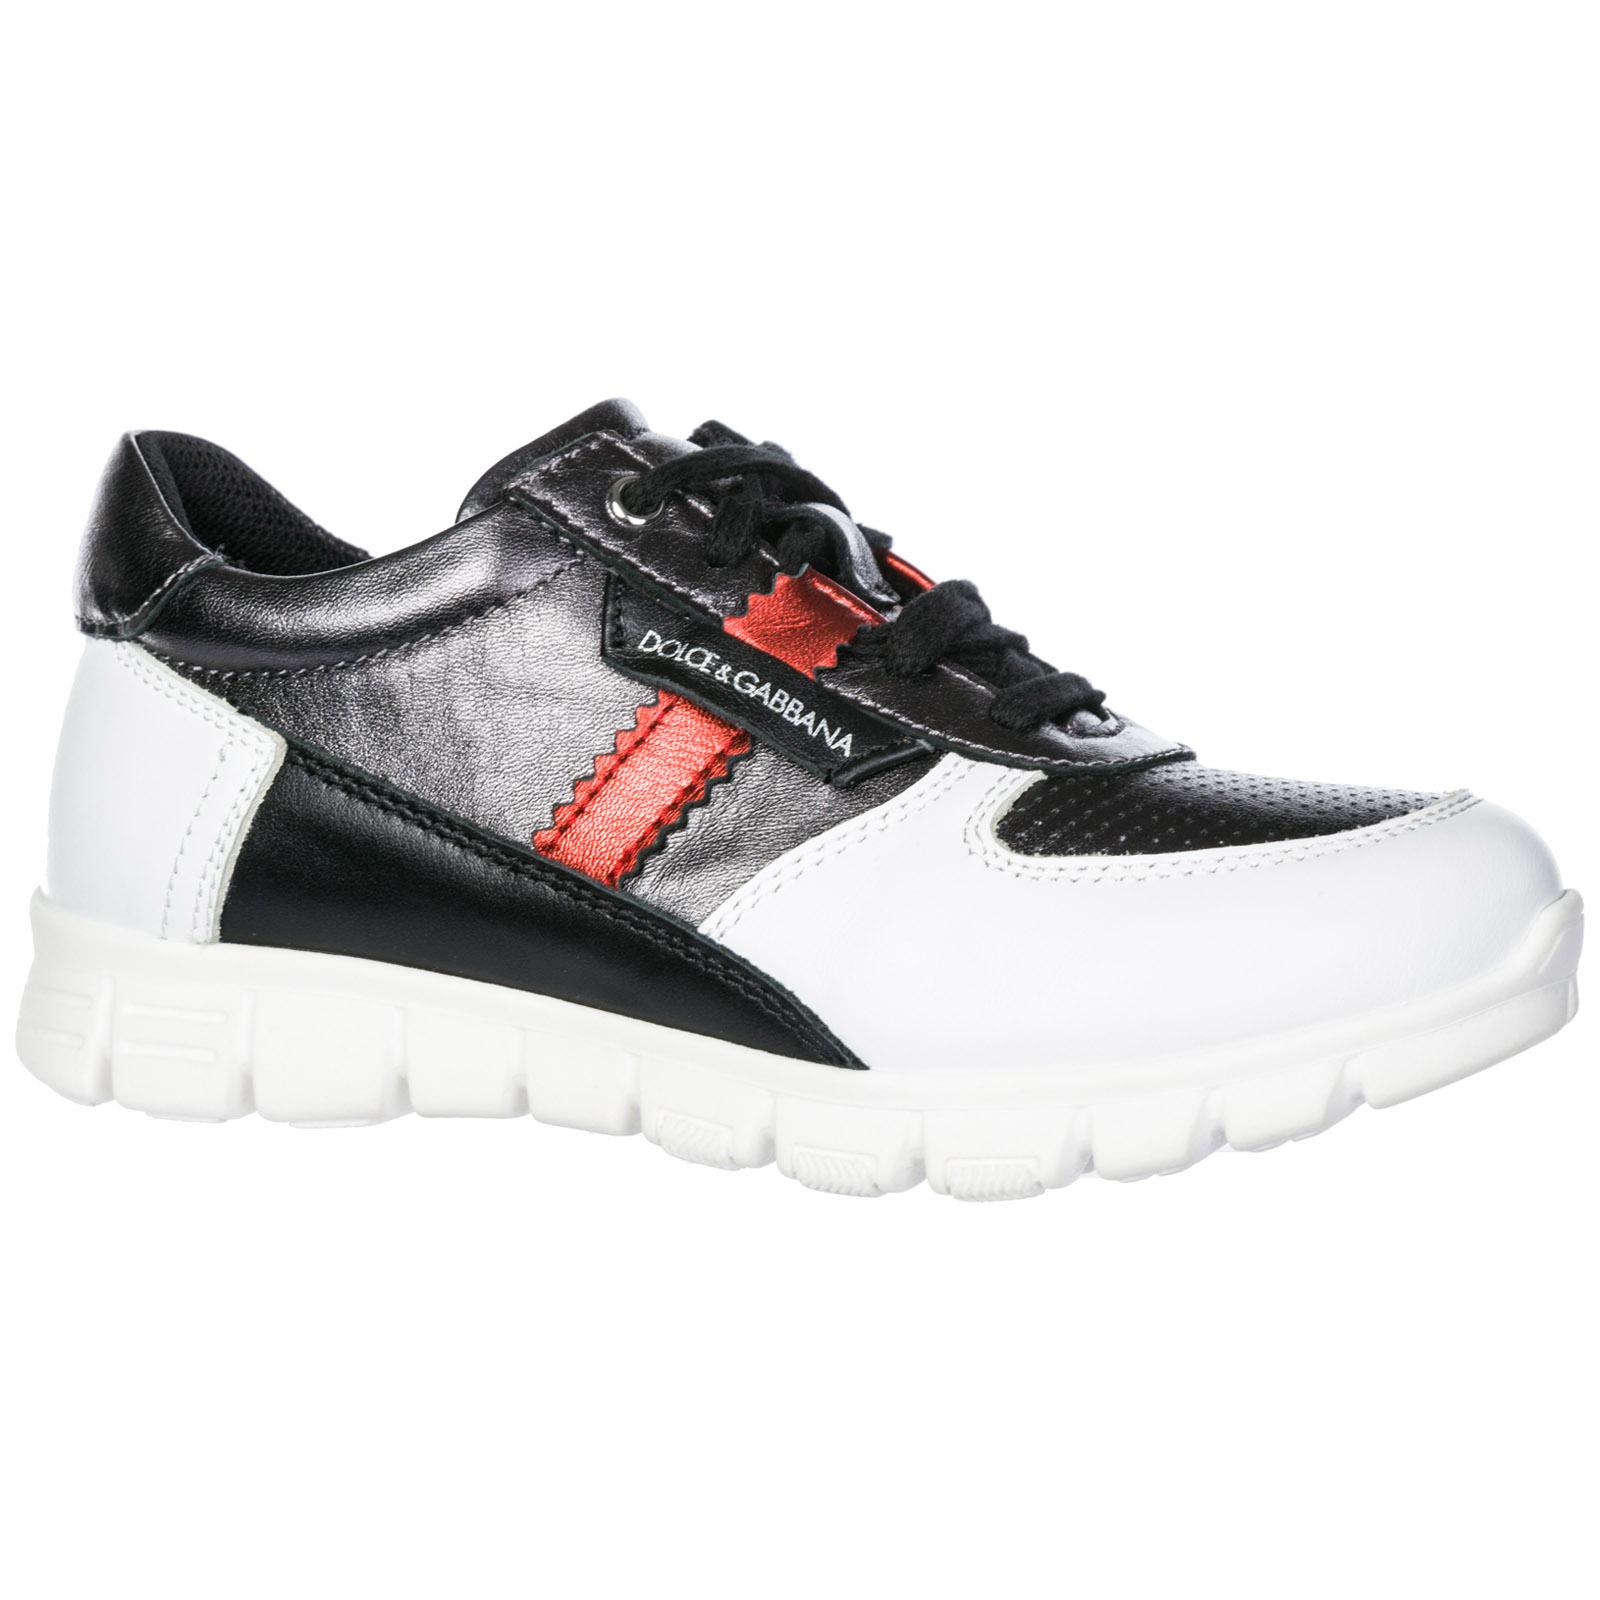 Sneakers Dolce Gabbana DA0529AB6458I706 canna fucile   bianco ... 55e41c49ea9